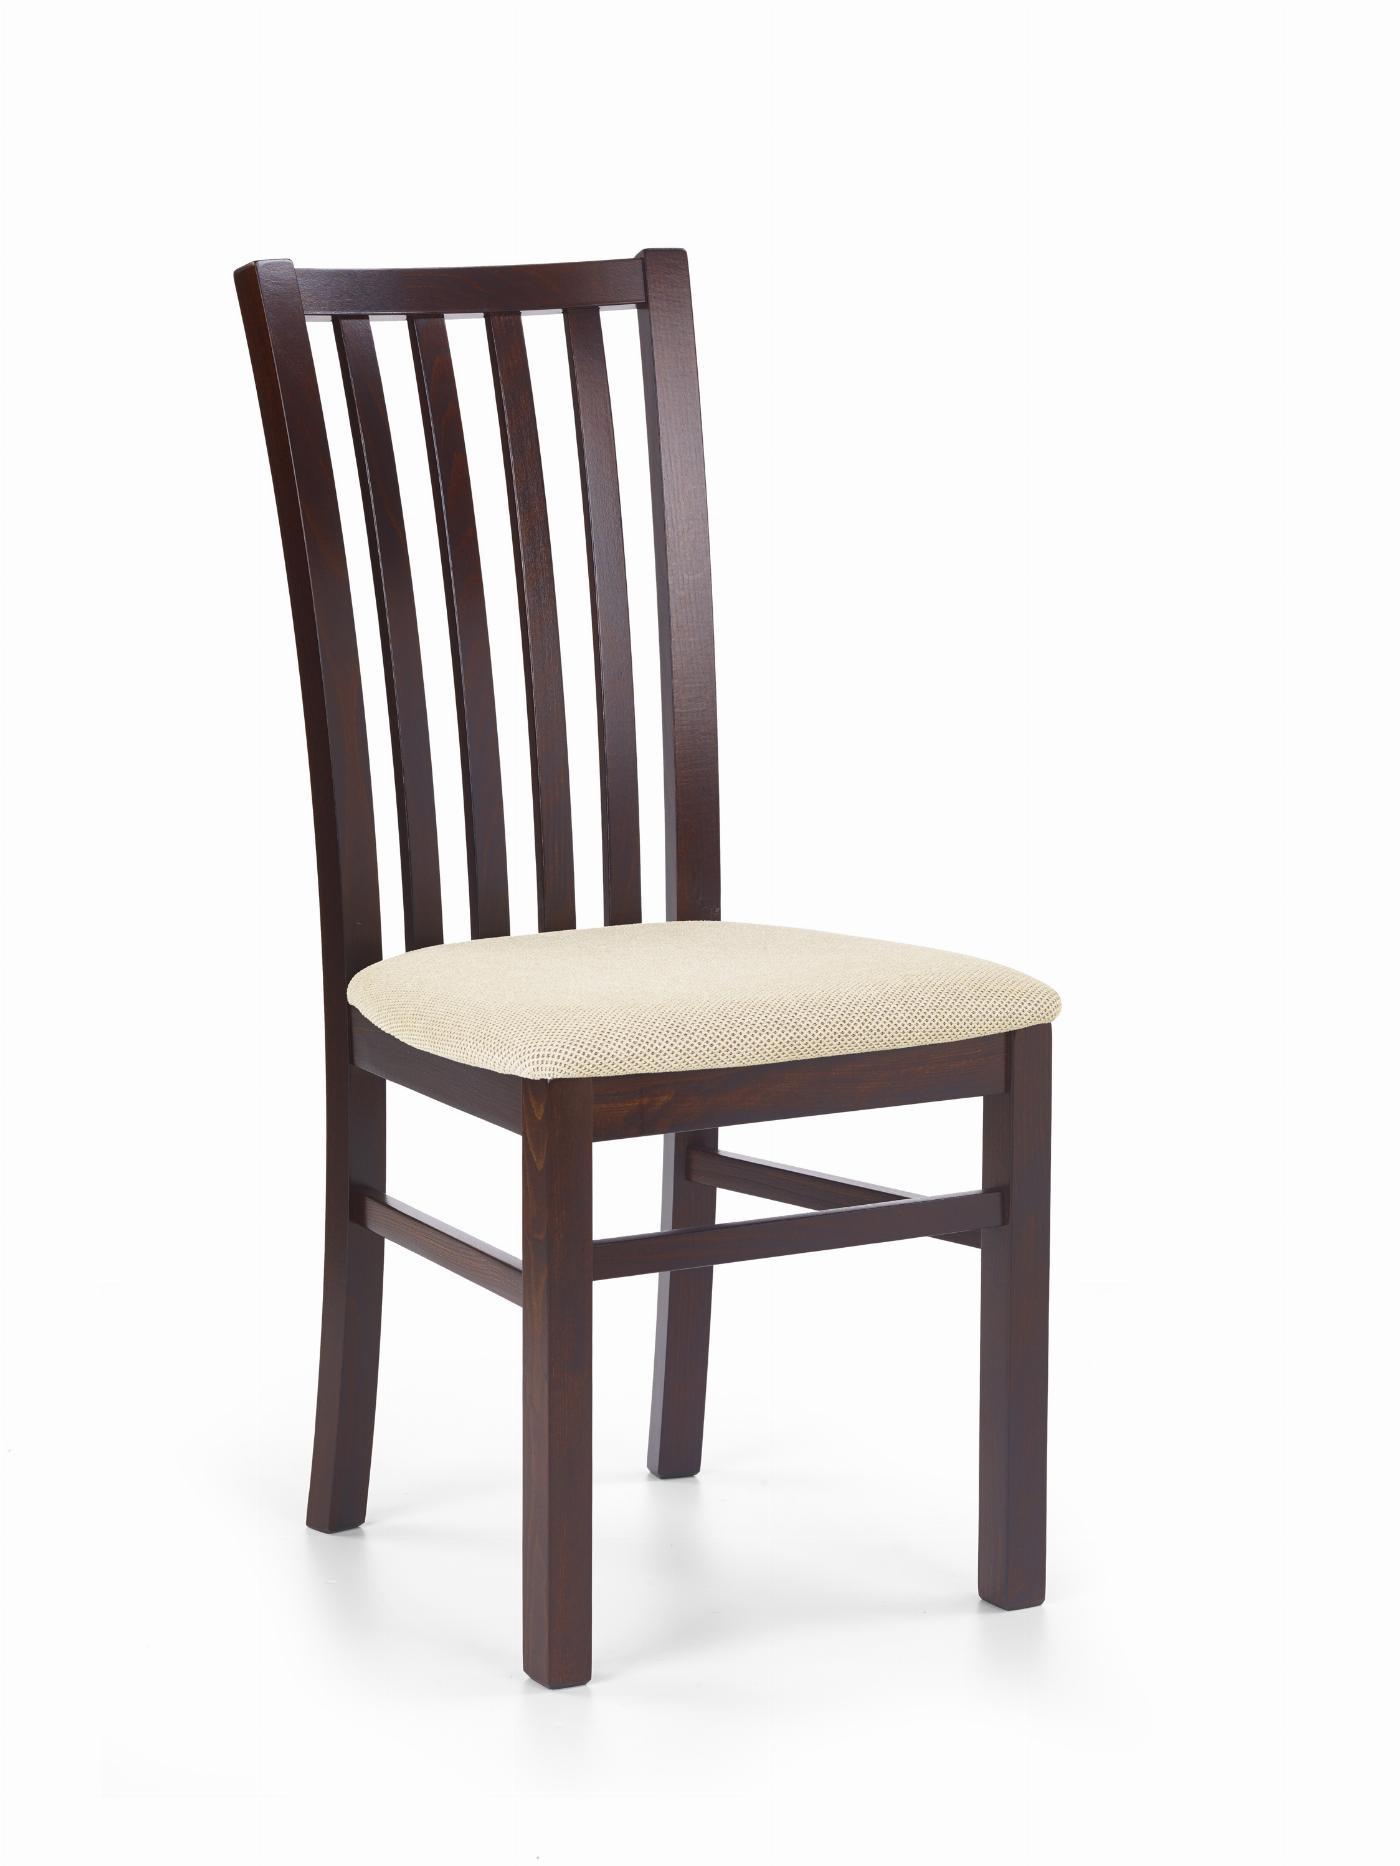 GERARD7 krzesło ciemny orzech / tap: Torent Beige (1p=2szt)